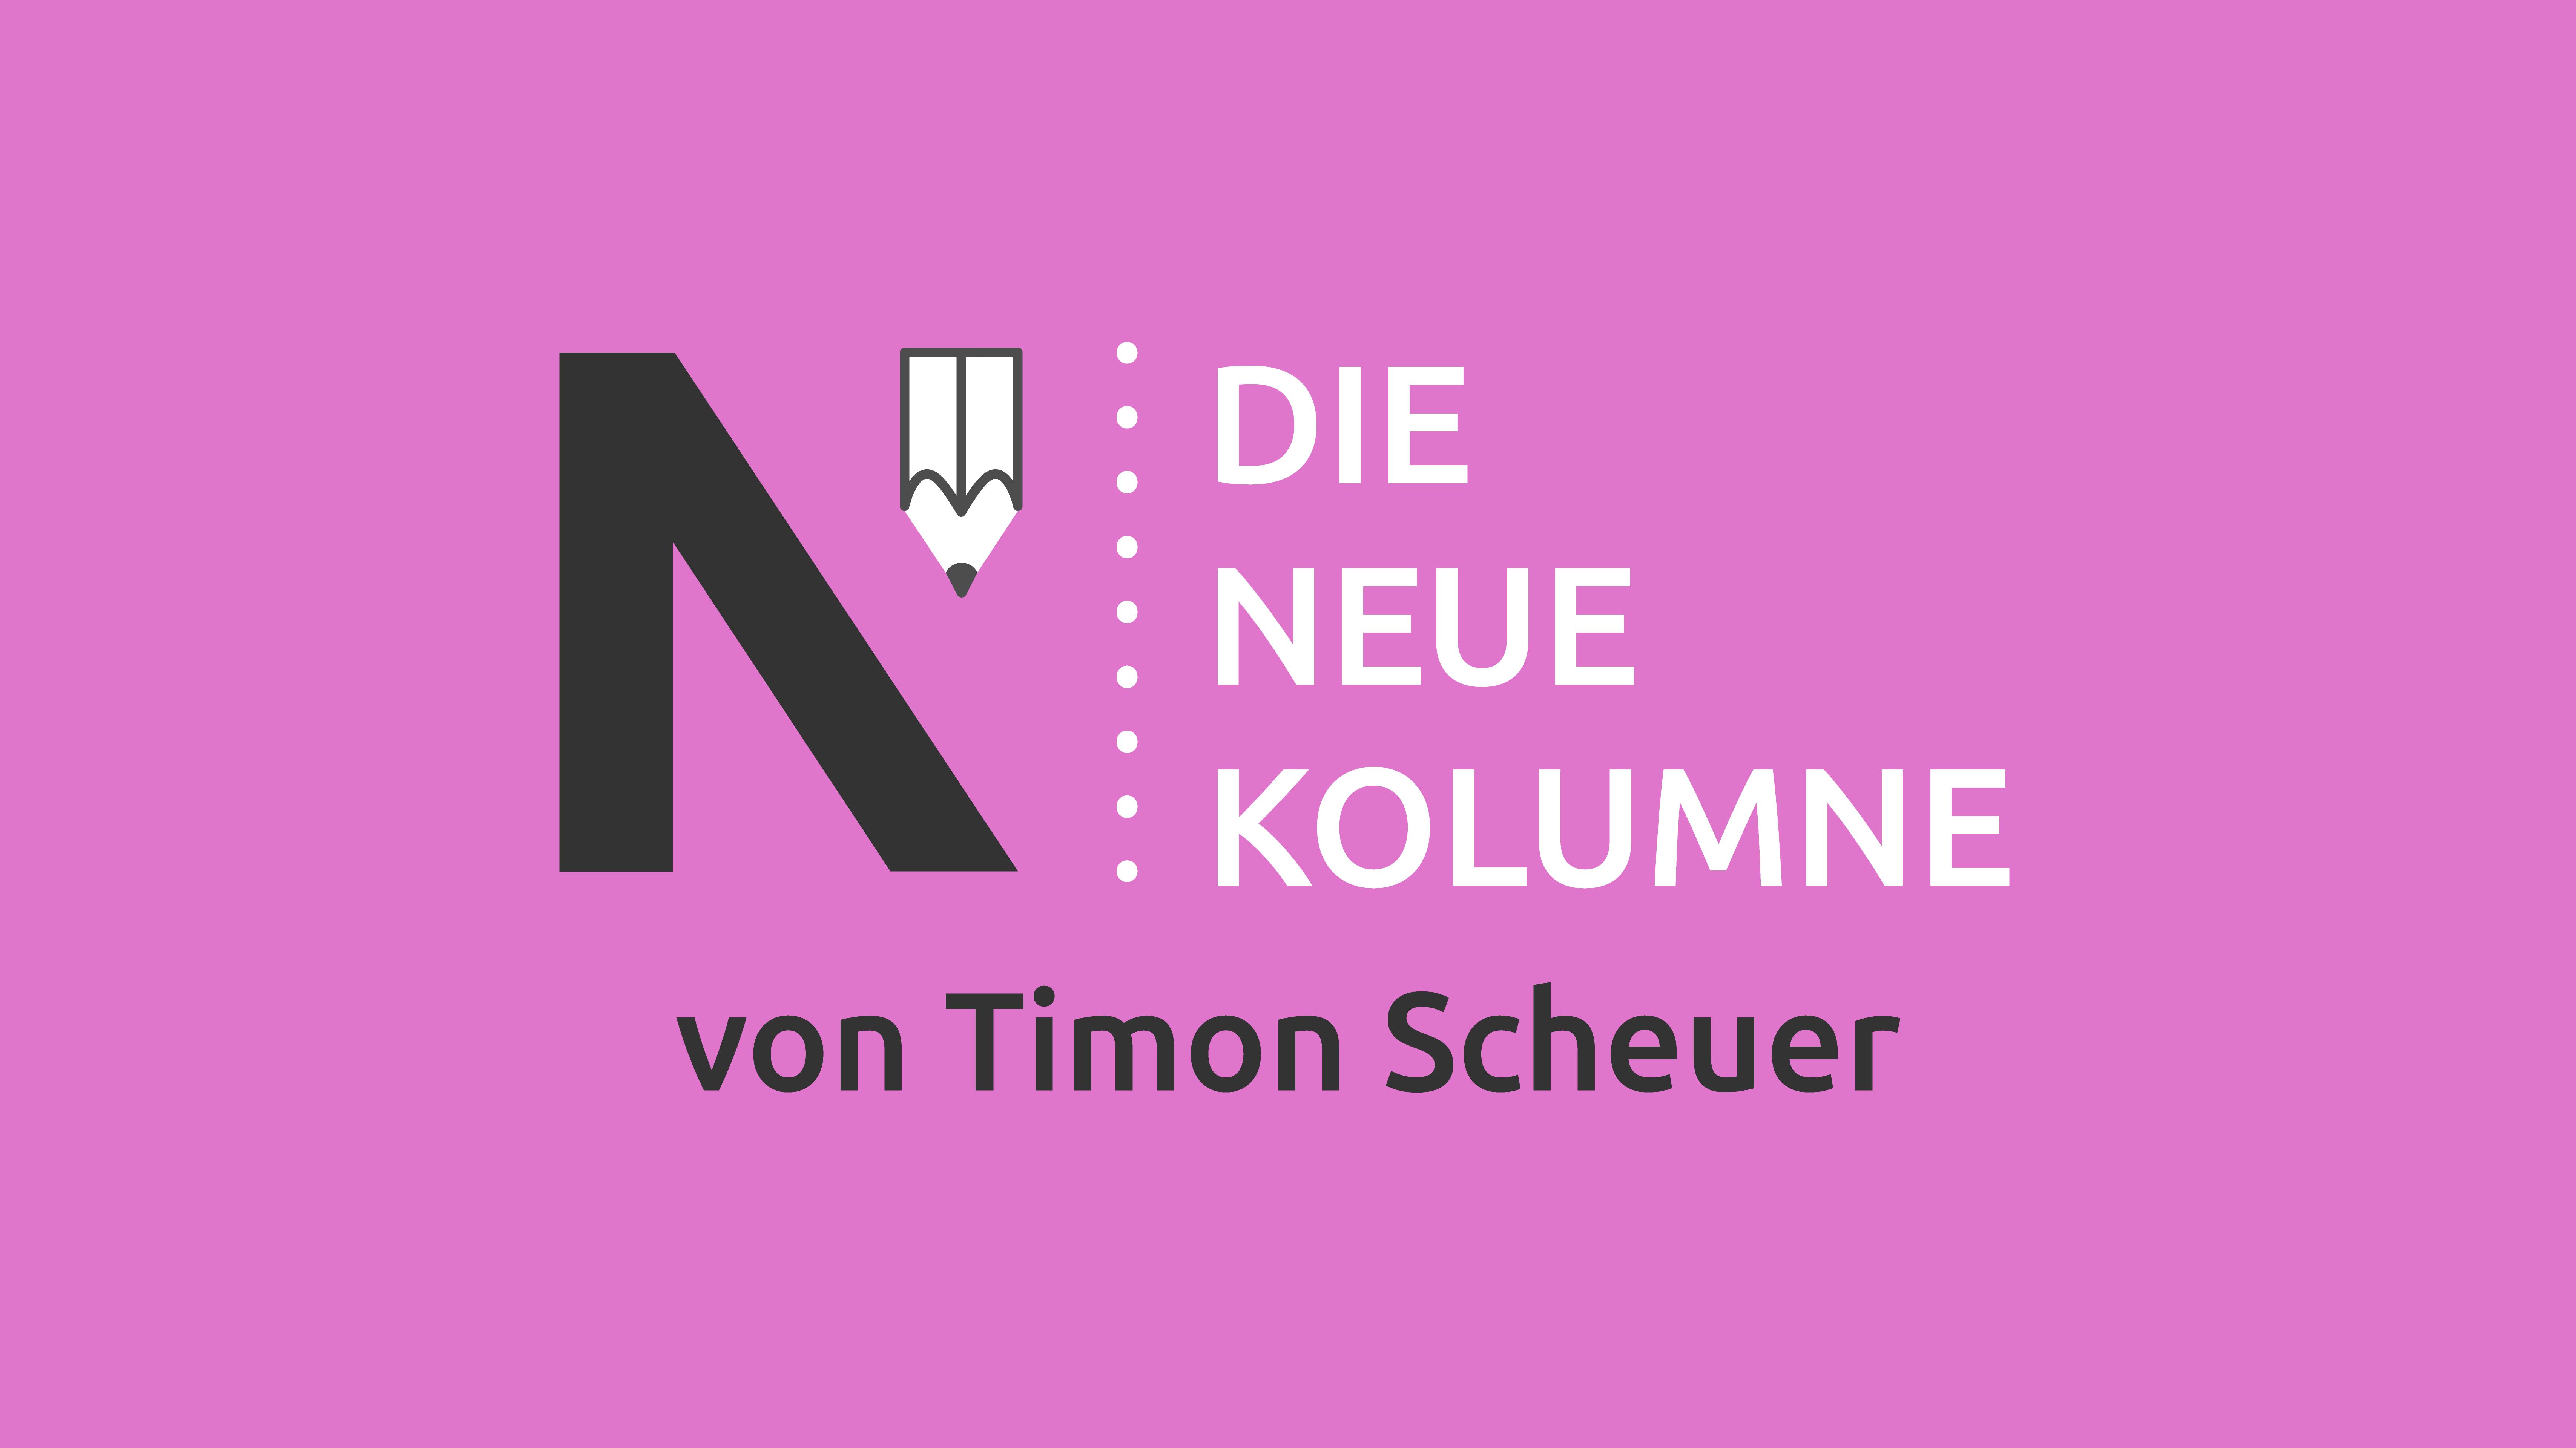 Das Logo von Die Neue Norm auf pinkem Grund. Rechts davon steht: die Neue Kolumne. Unten steht: von Timon Scheuer.